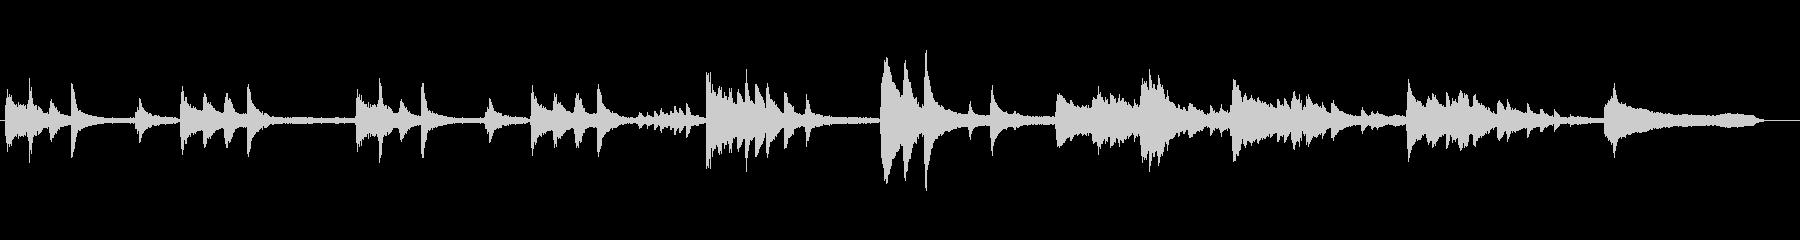 ピアノソロアドリブ4度積みの未再生の波形